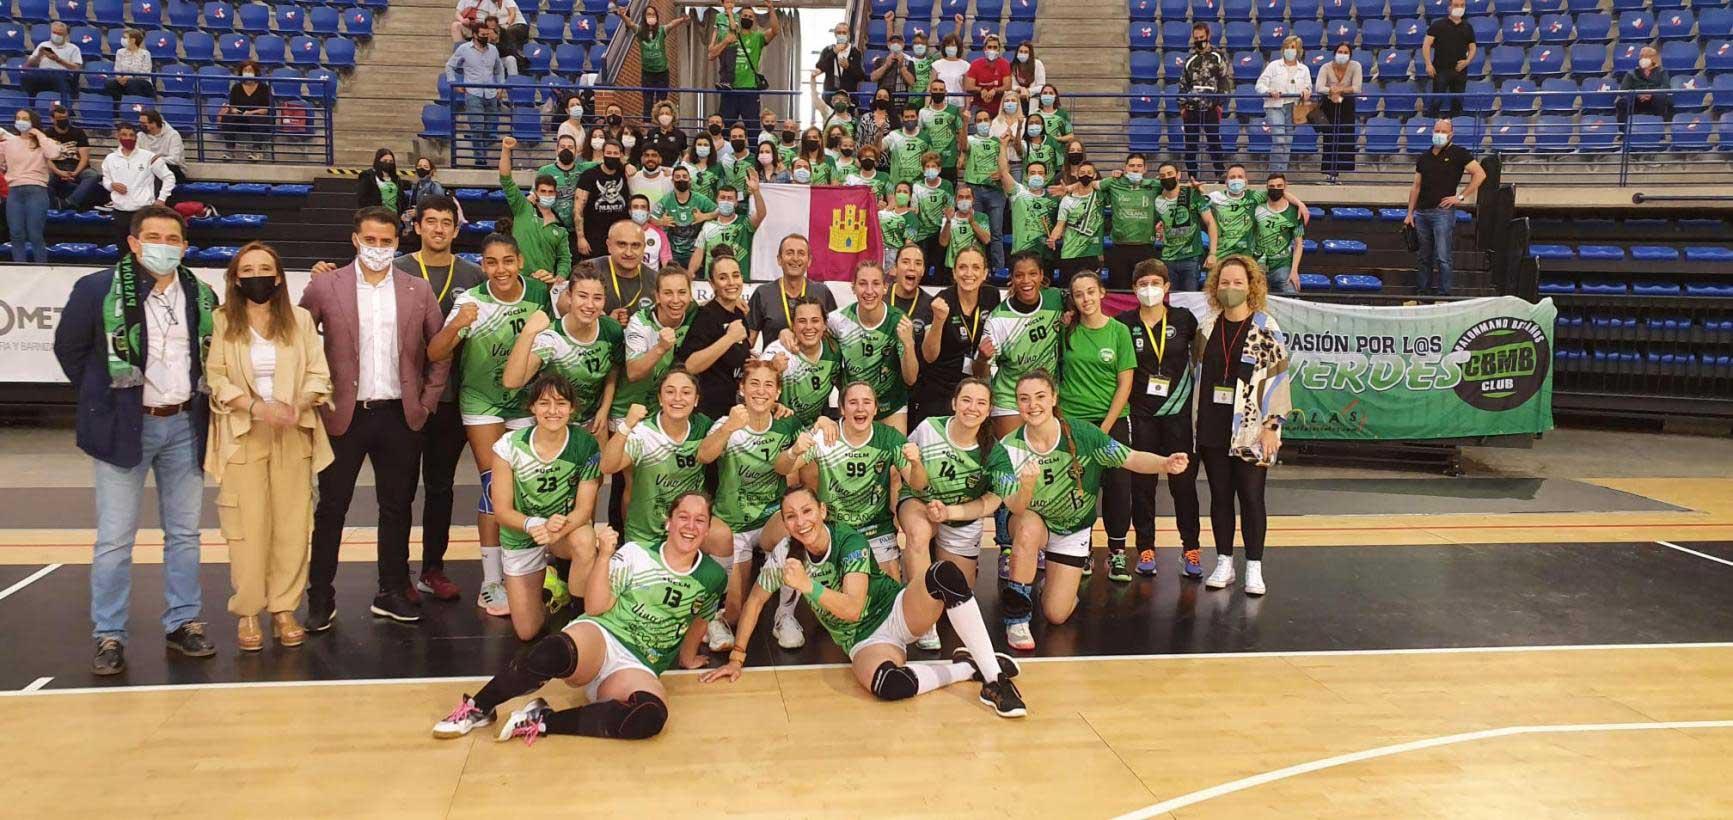 El Gobierno de Castilla-La Mancha felicita a los equipos deportivos castellanomanchegos por el buen papel que están realizando este año